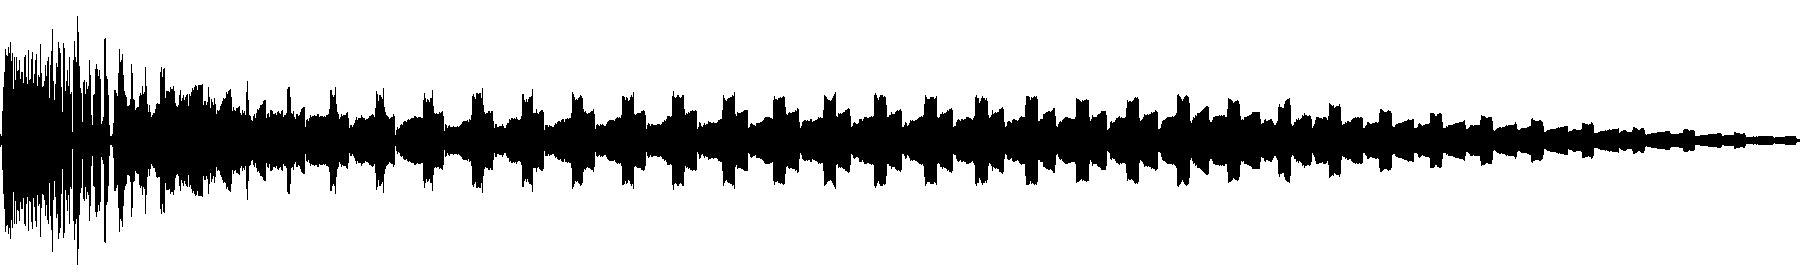 veh2 synths   122 c